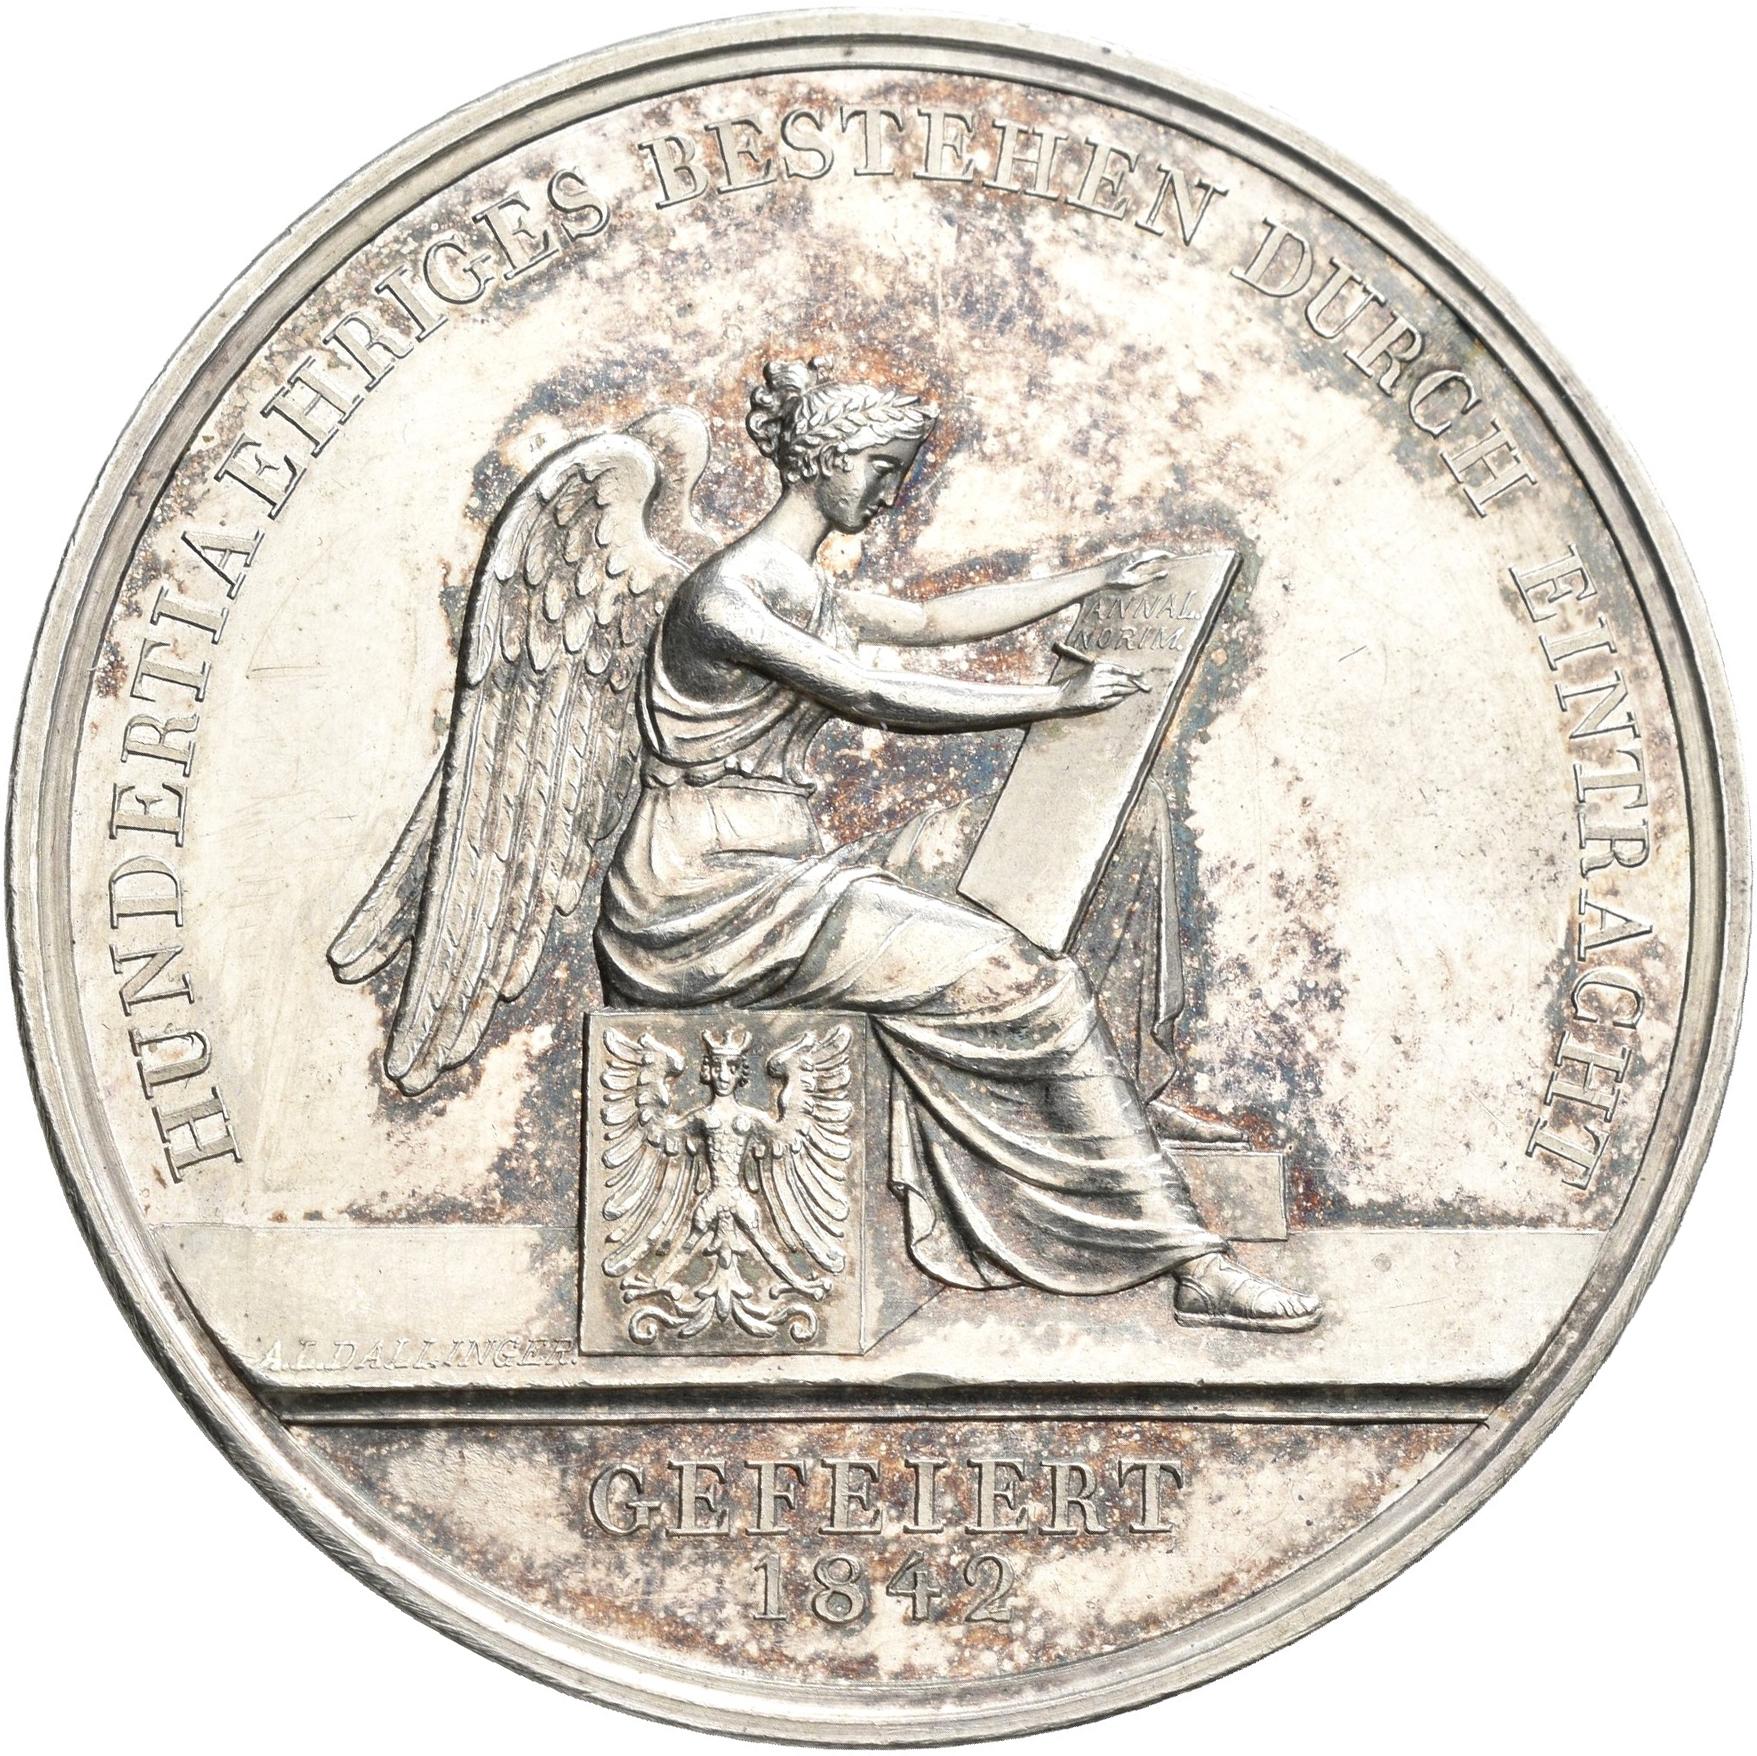 Lot 02437 - Medaillen Deutschland - Geographisch   Münzen  -  Auktionshaus Christoph Gärtner GmbH & Co. KG Sale #48 The Coins & The Picture Post Cards